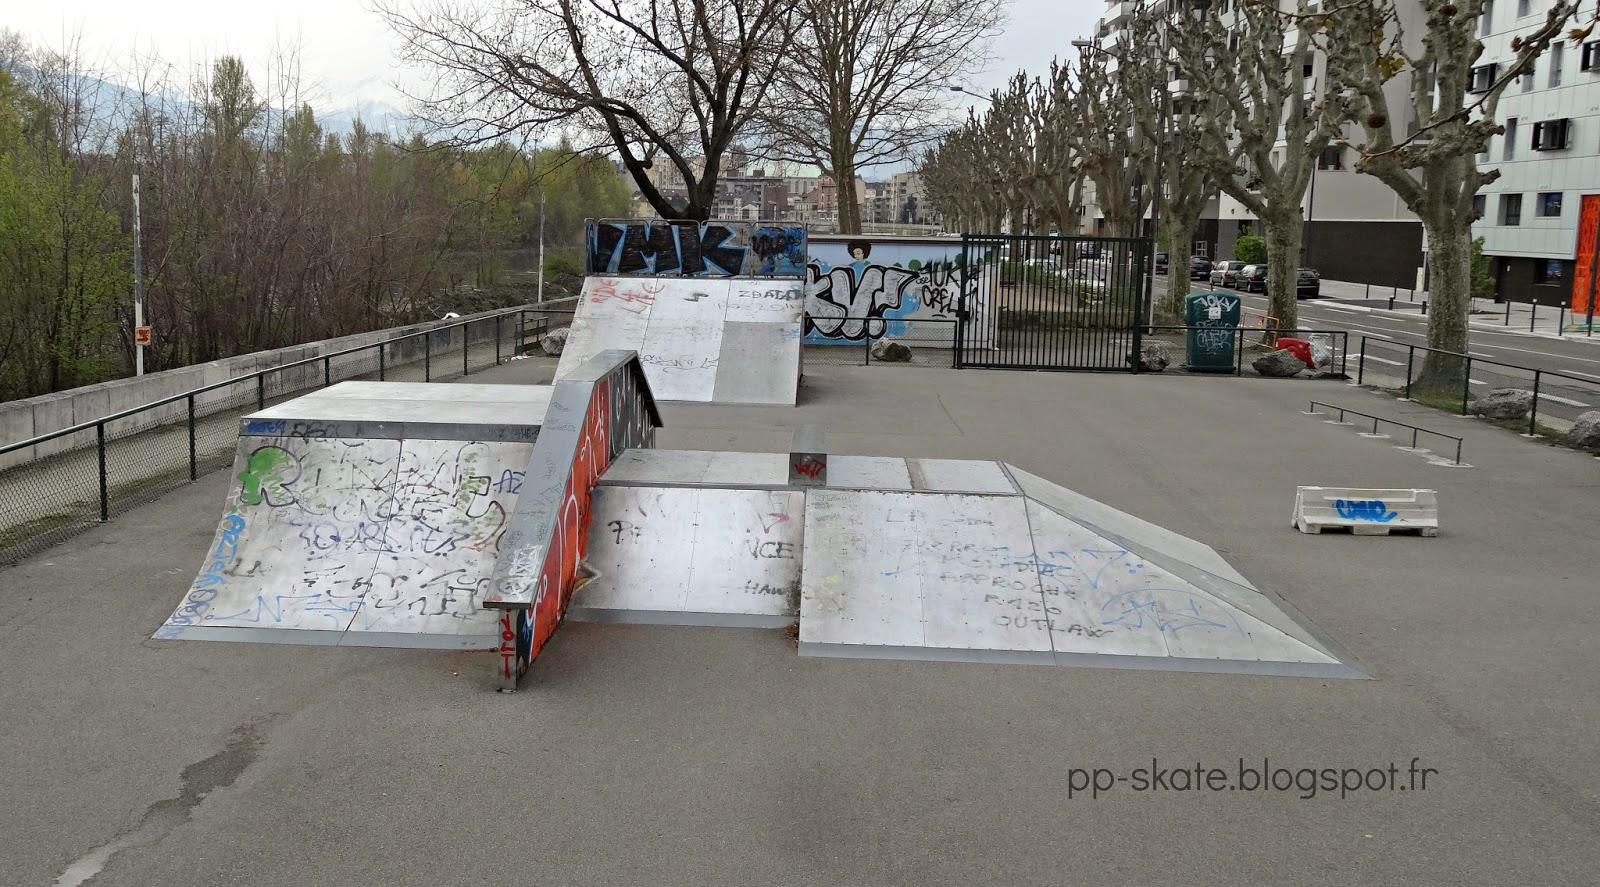 skatepark Grenoble